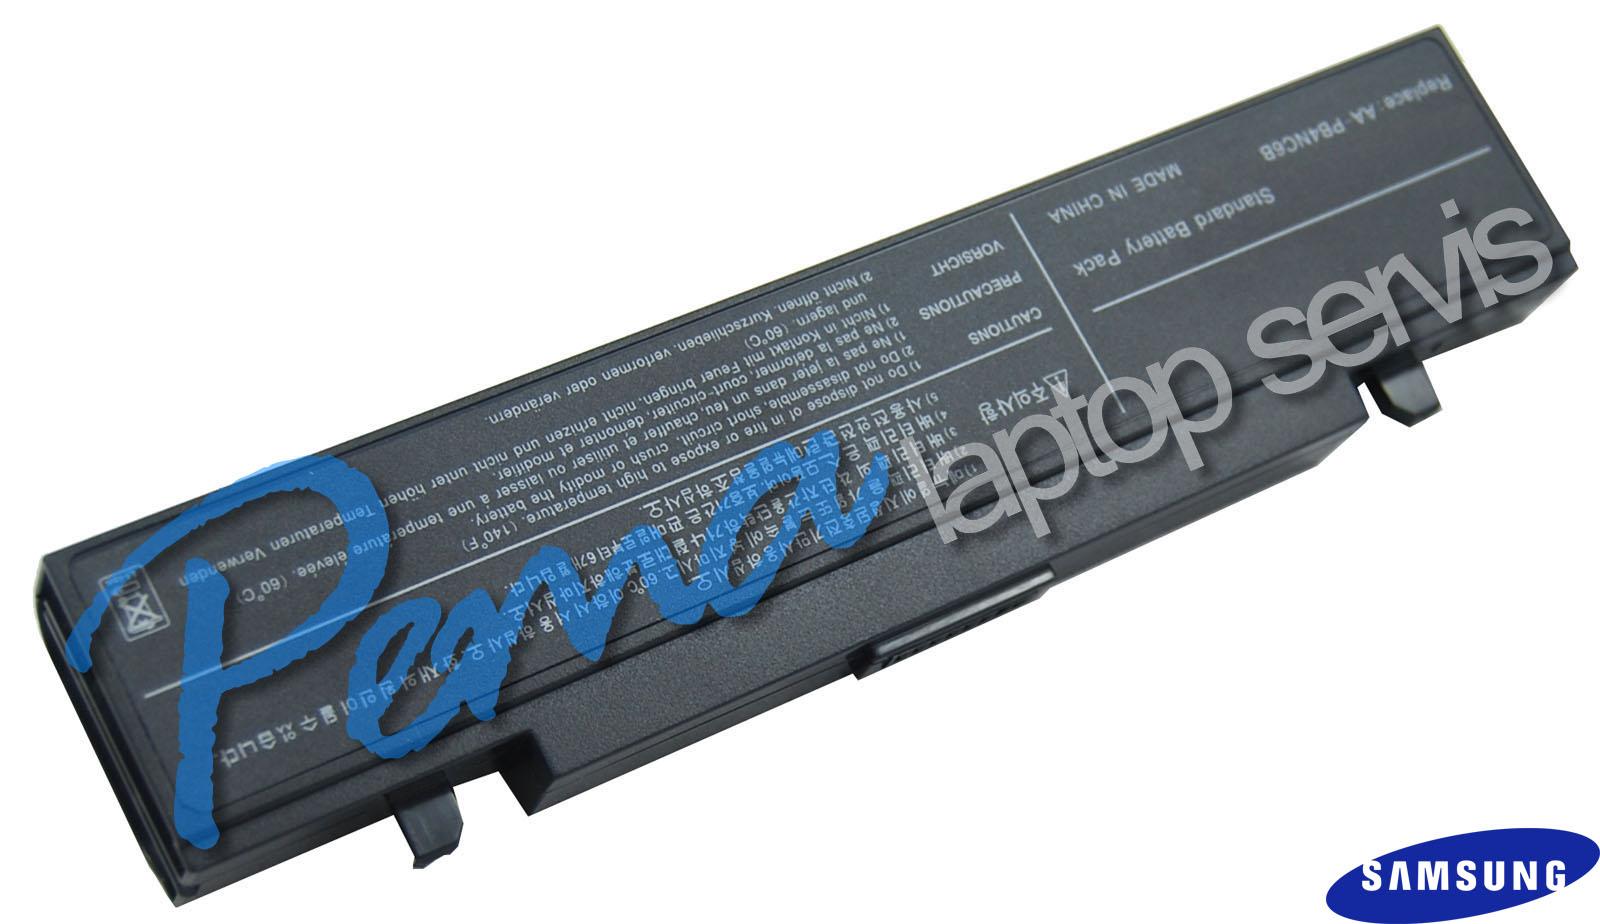 Samsung S3520 batarya